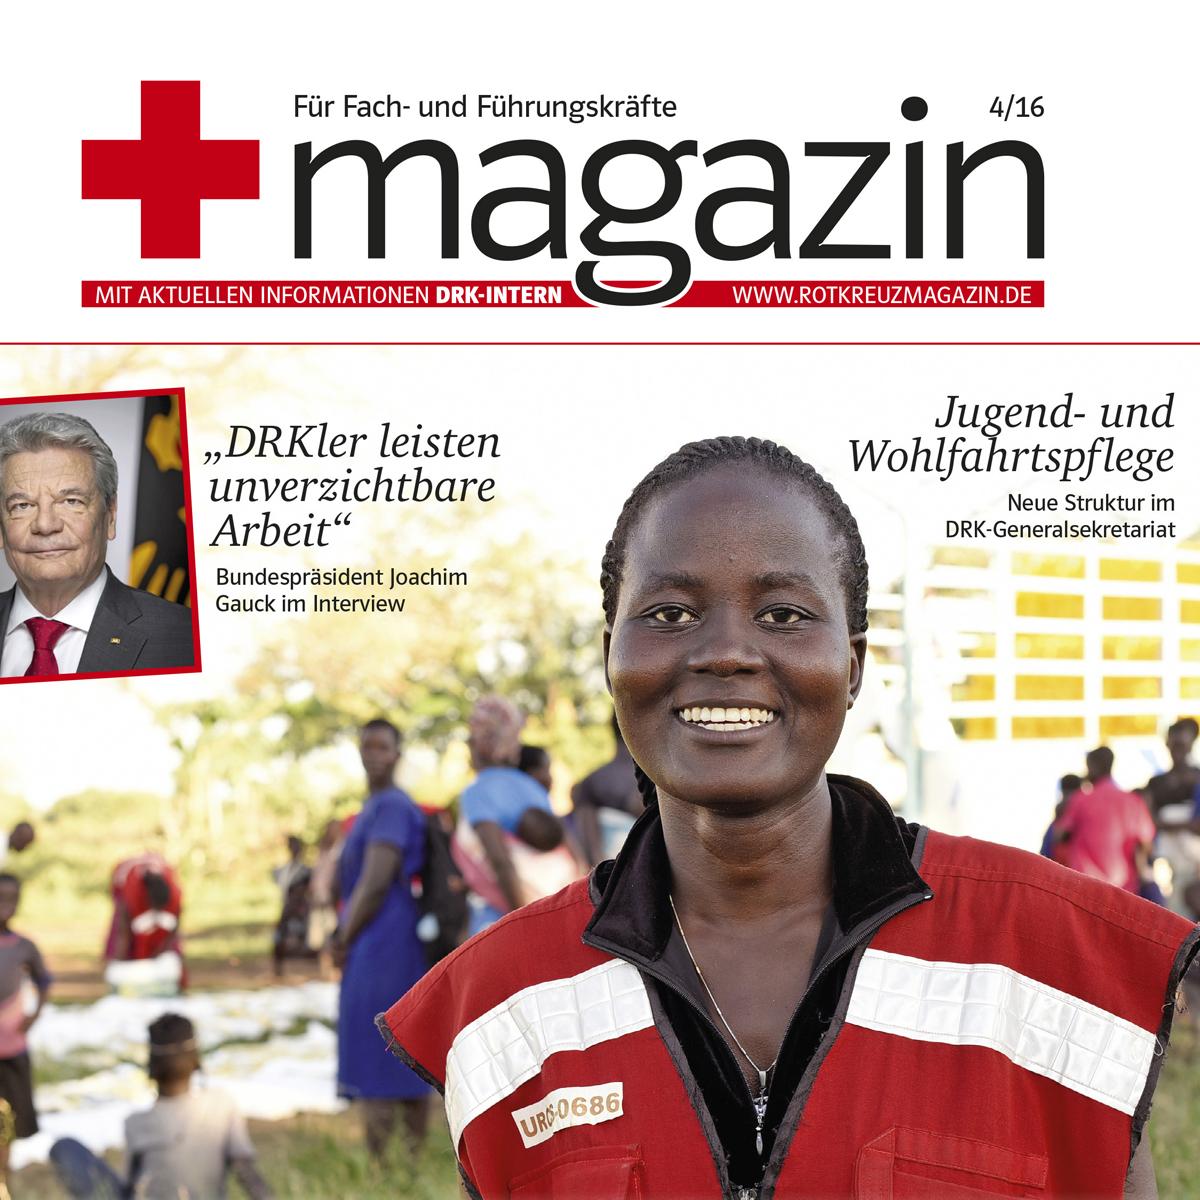 rotkreuzmagazin für Fach- und Führungskräfte DRK-Intern 4/16